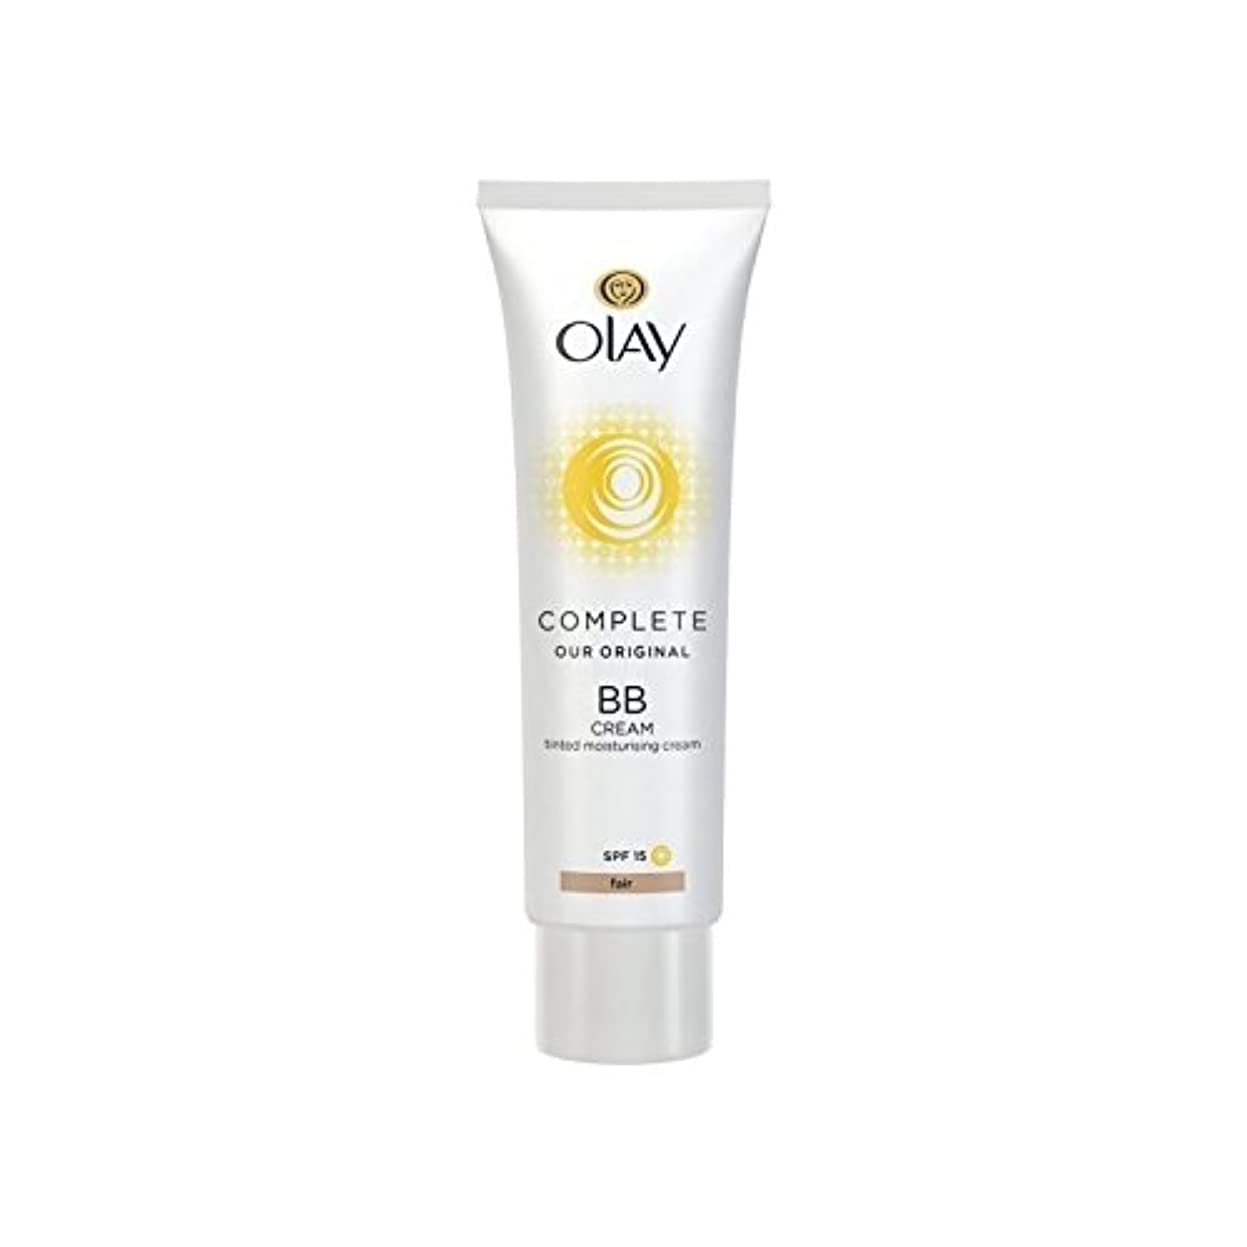 オーレイ完全なクリーム15フェアの50ミリリットル x4 - Olay Complete BB Cream Fair SPF15 50ml (Pack of 4) [並行輸入品]